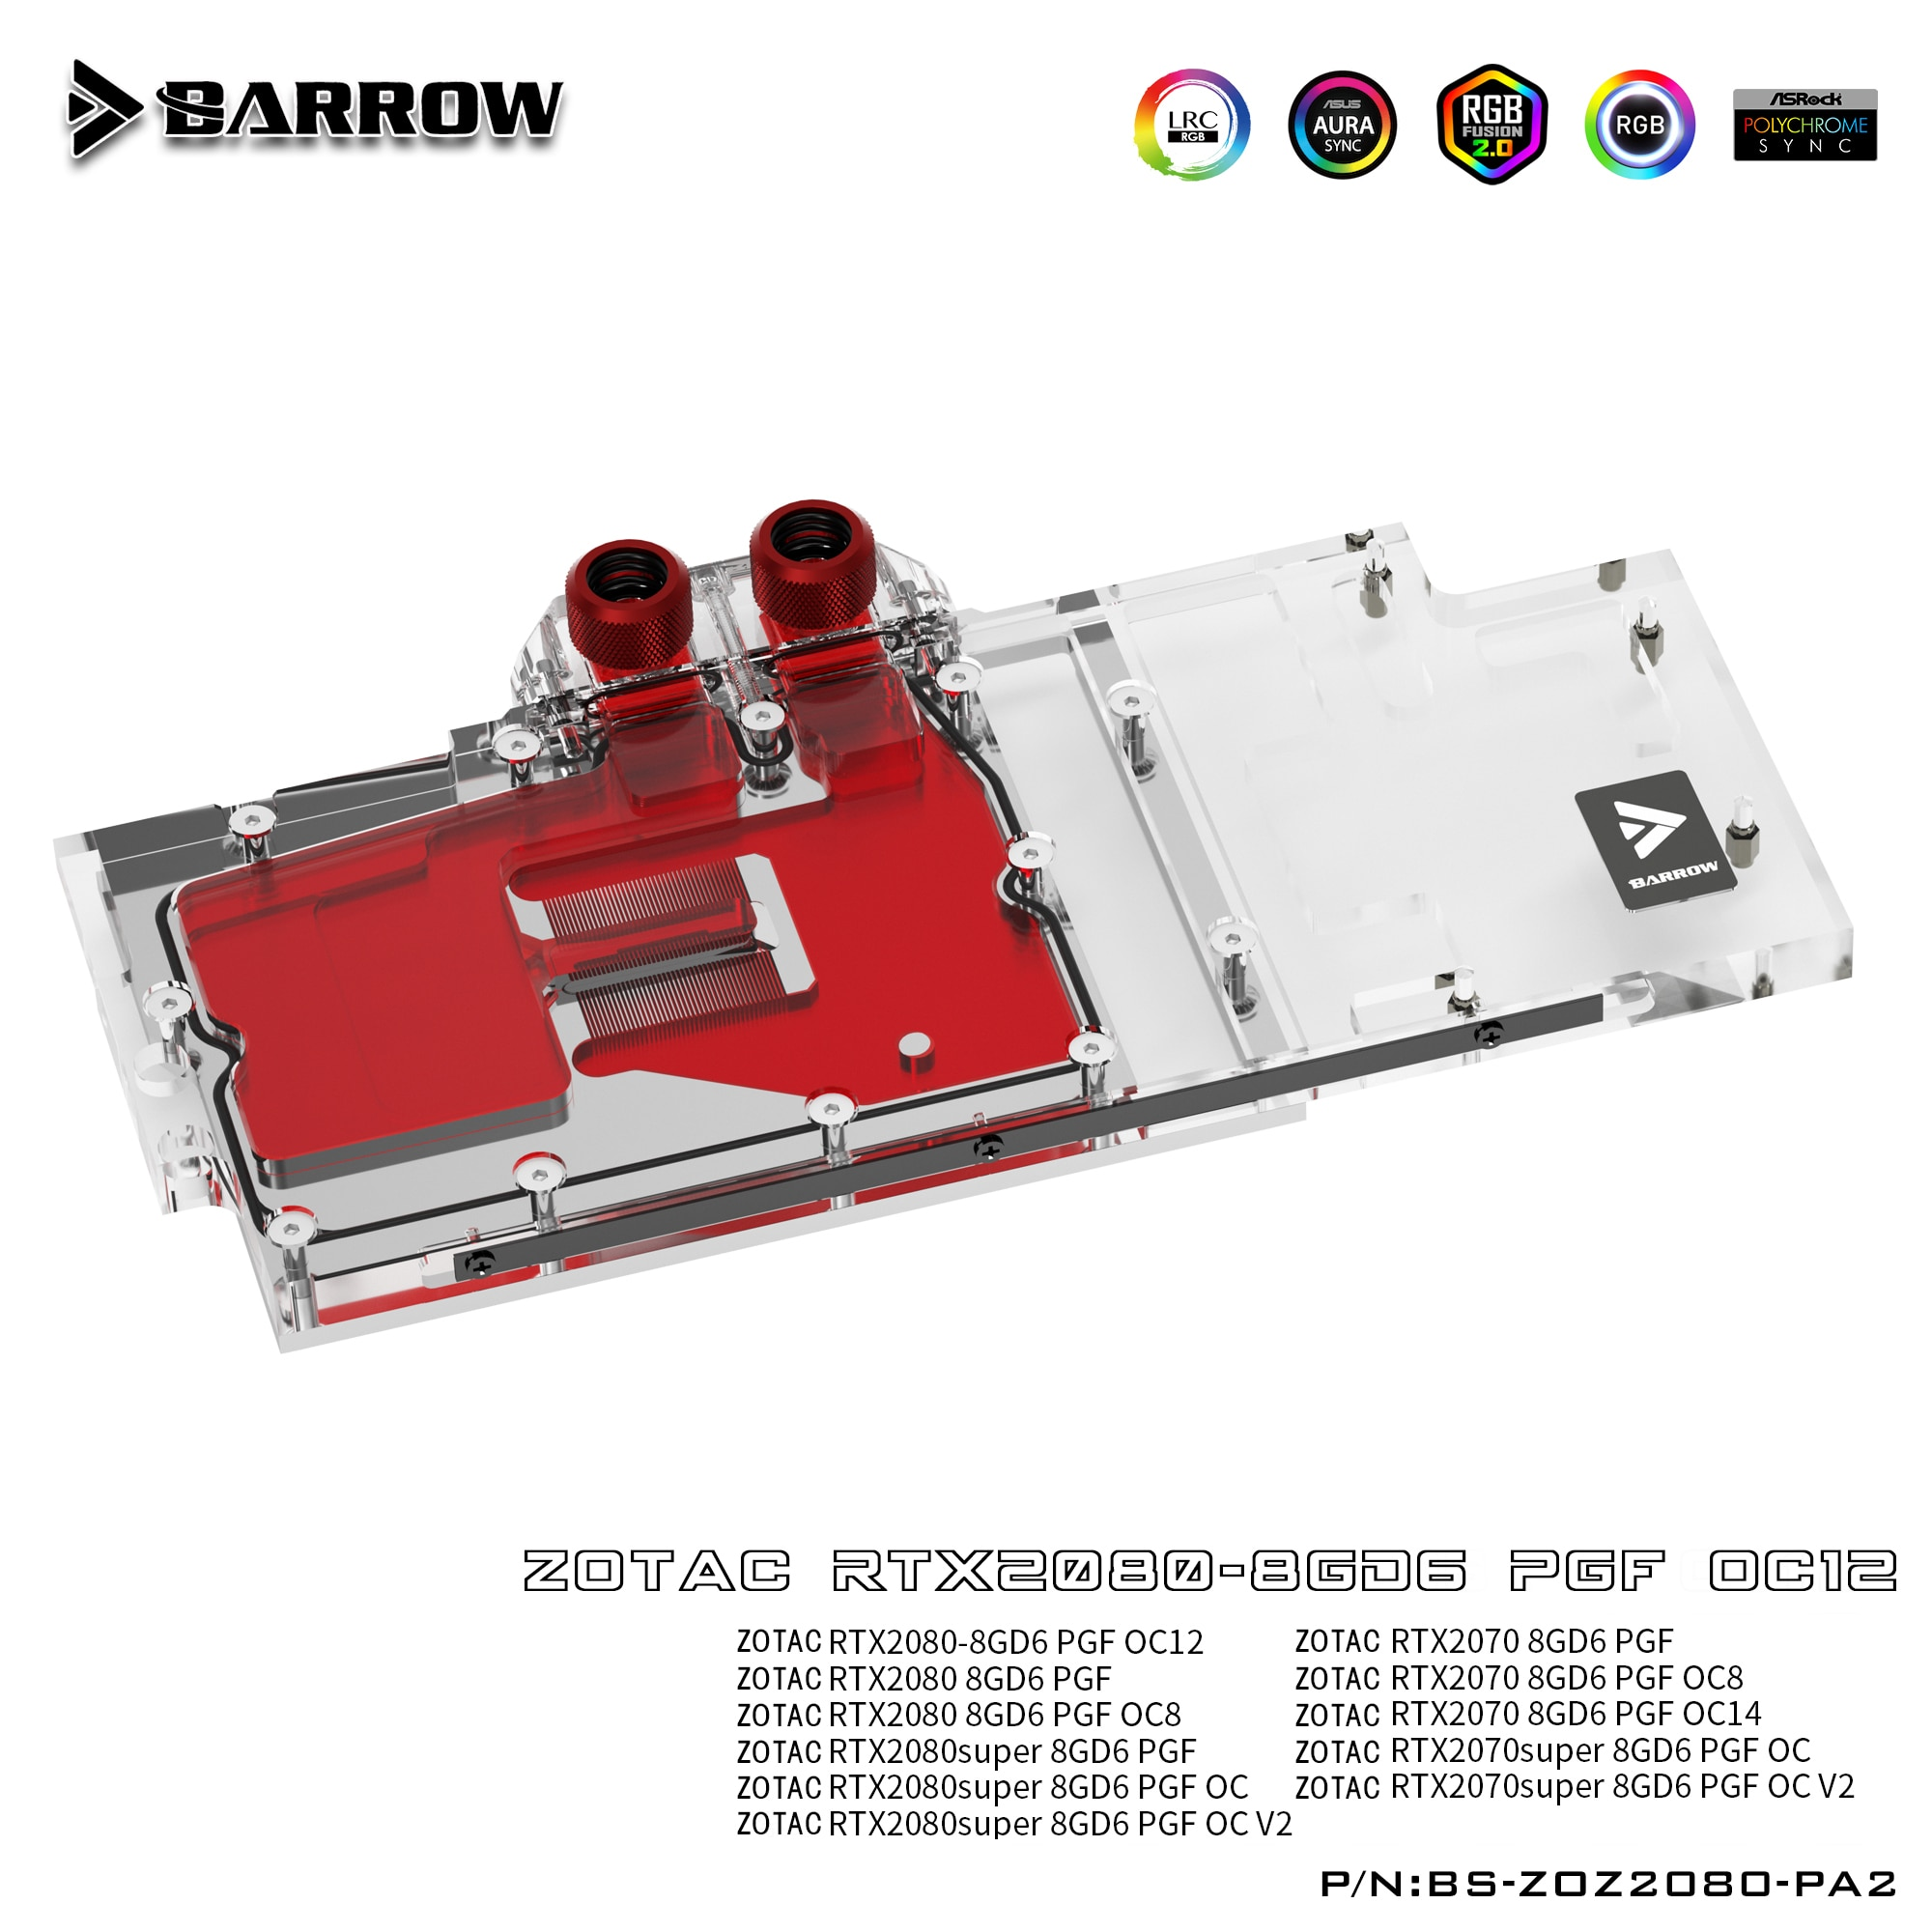 بارو BS-ZOZ2080-PA2 ، غطاء كامل بطاقة جرافيكس كتل تبريد المياه ، ل Zotac RTX2080/2070 8GD6 PGF OC12/OC8/OC14